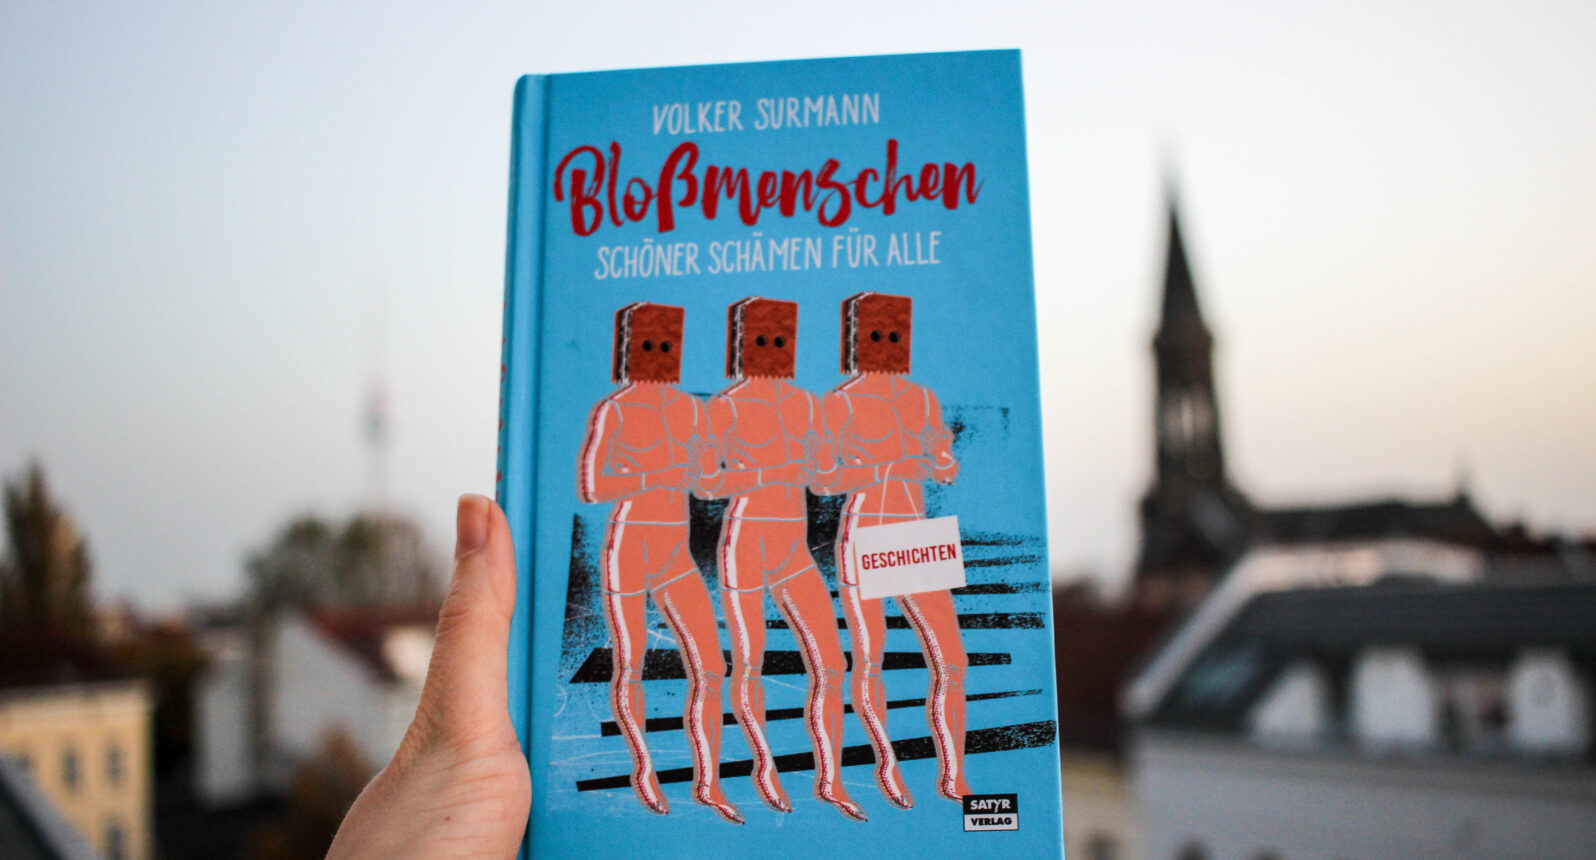 """Volker Surmann: """"Bloßmenschen"""""""